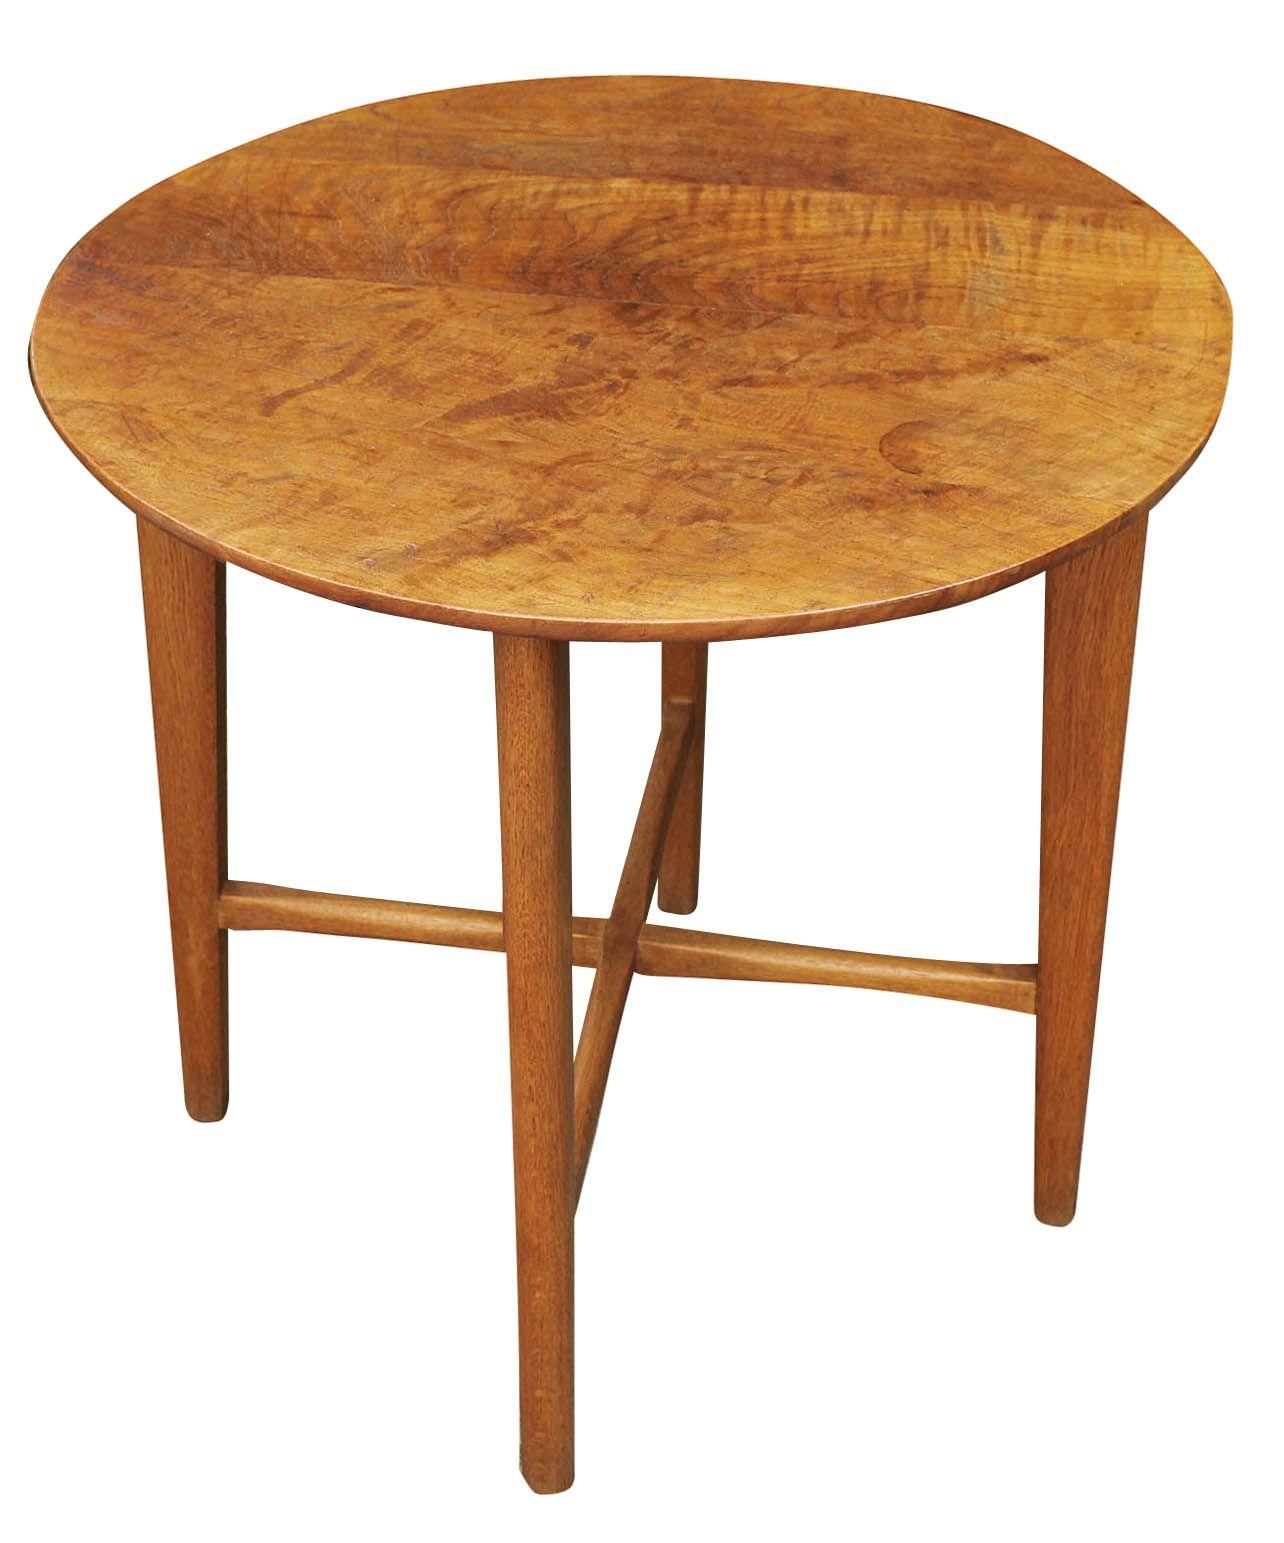 Danish Coffee Table. Stolik Kawowy, Dąb, Cena 980 Zł, Szer. 60